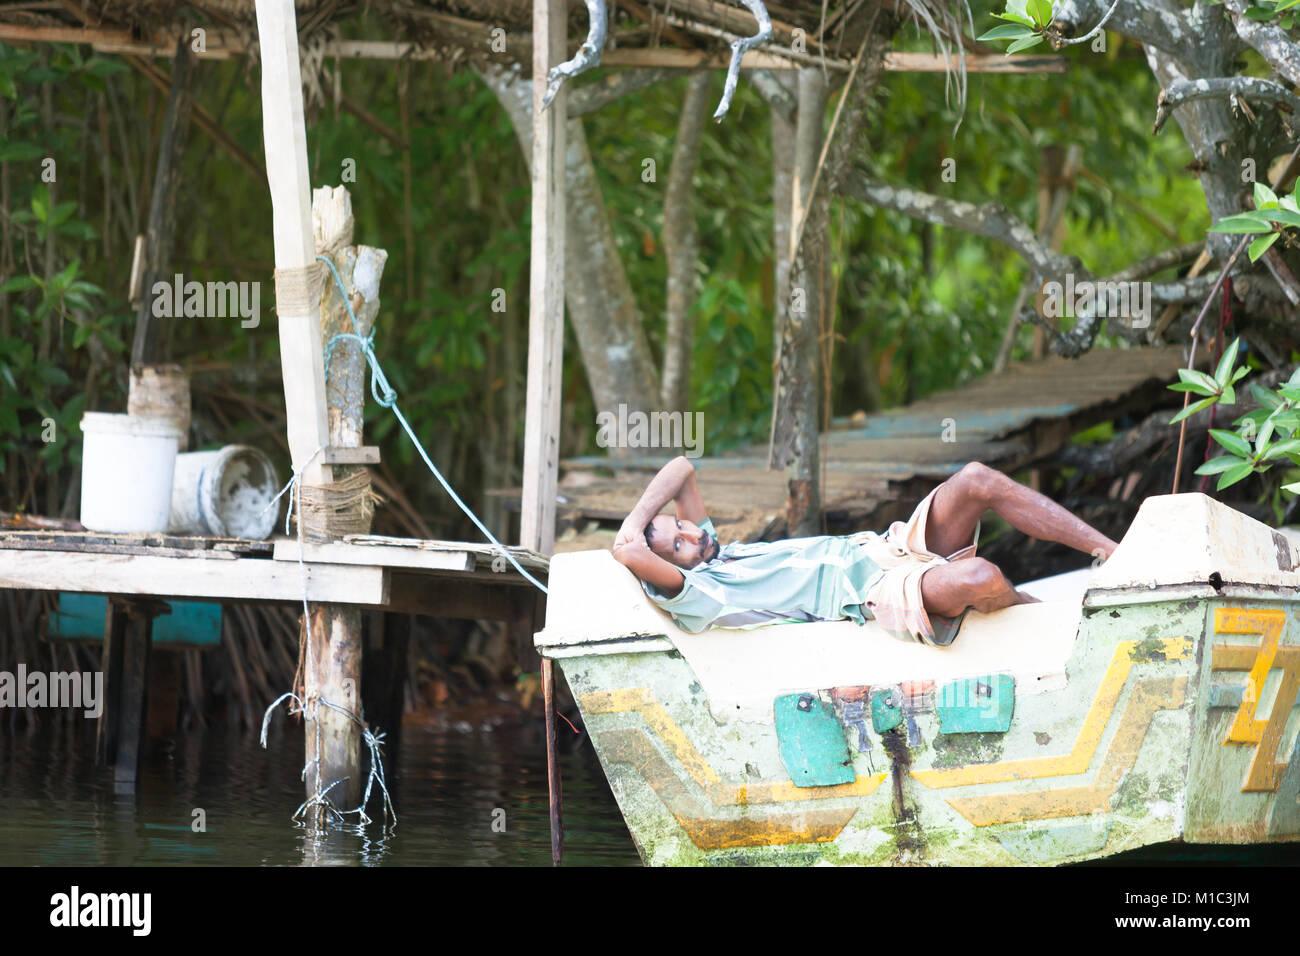 Madu Ganga, Balapitiya, Sri Lanka - Dezember 2015 - Ein Fischer seine Siesta auf einem Motorboot, Asien Stockfoto